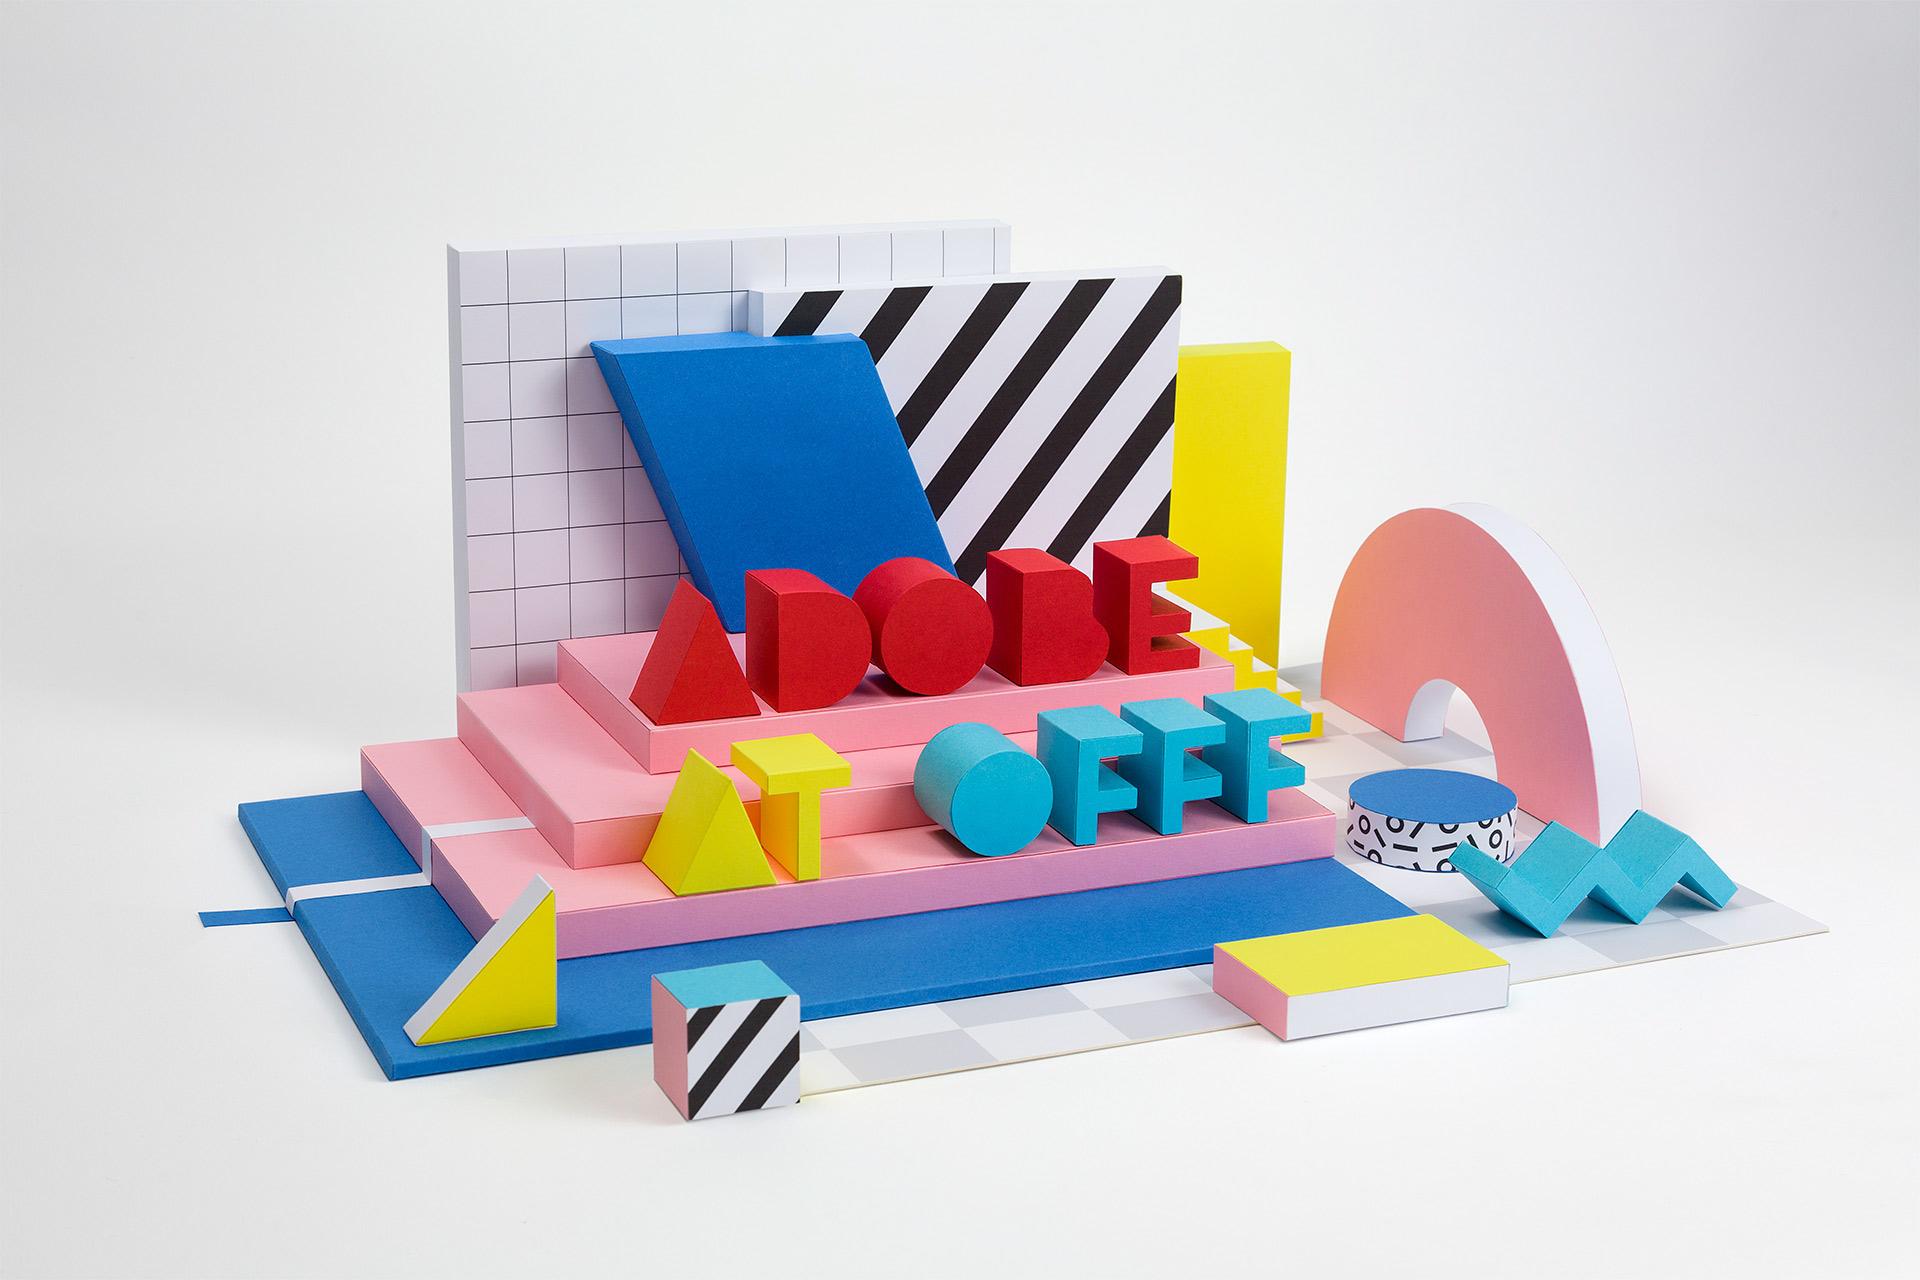 Set Design & Art Direction: Adobe at OFFF 2017